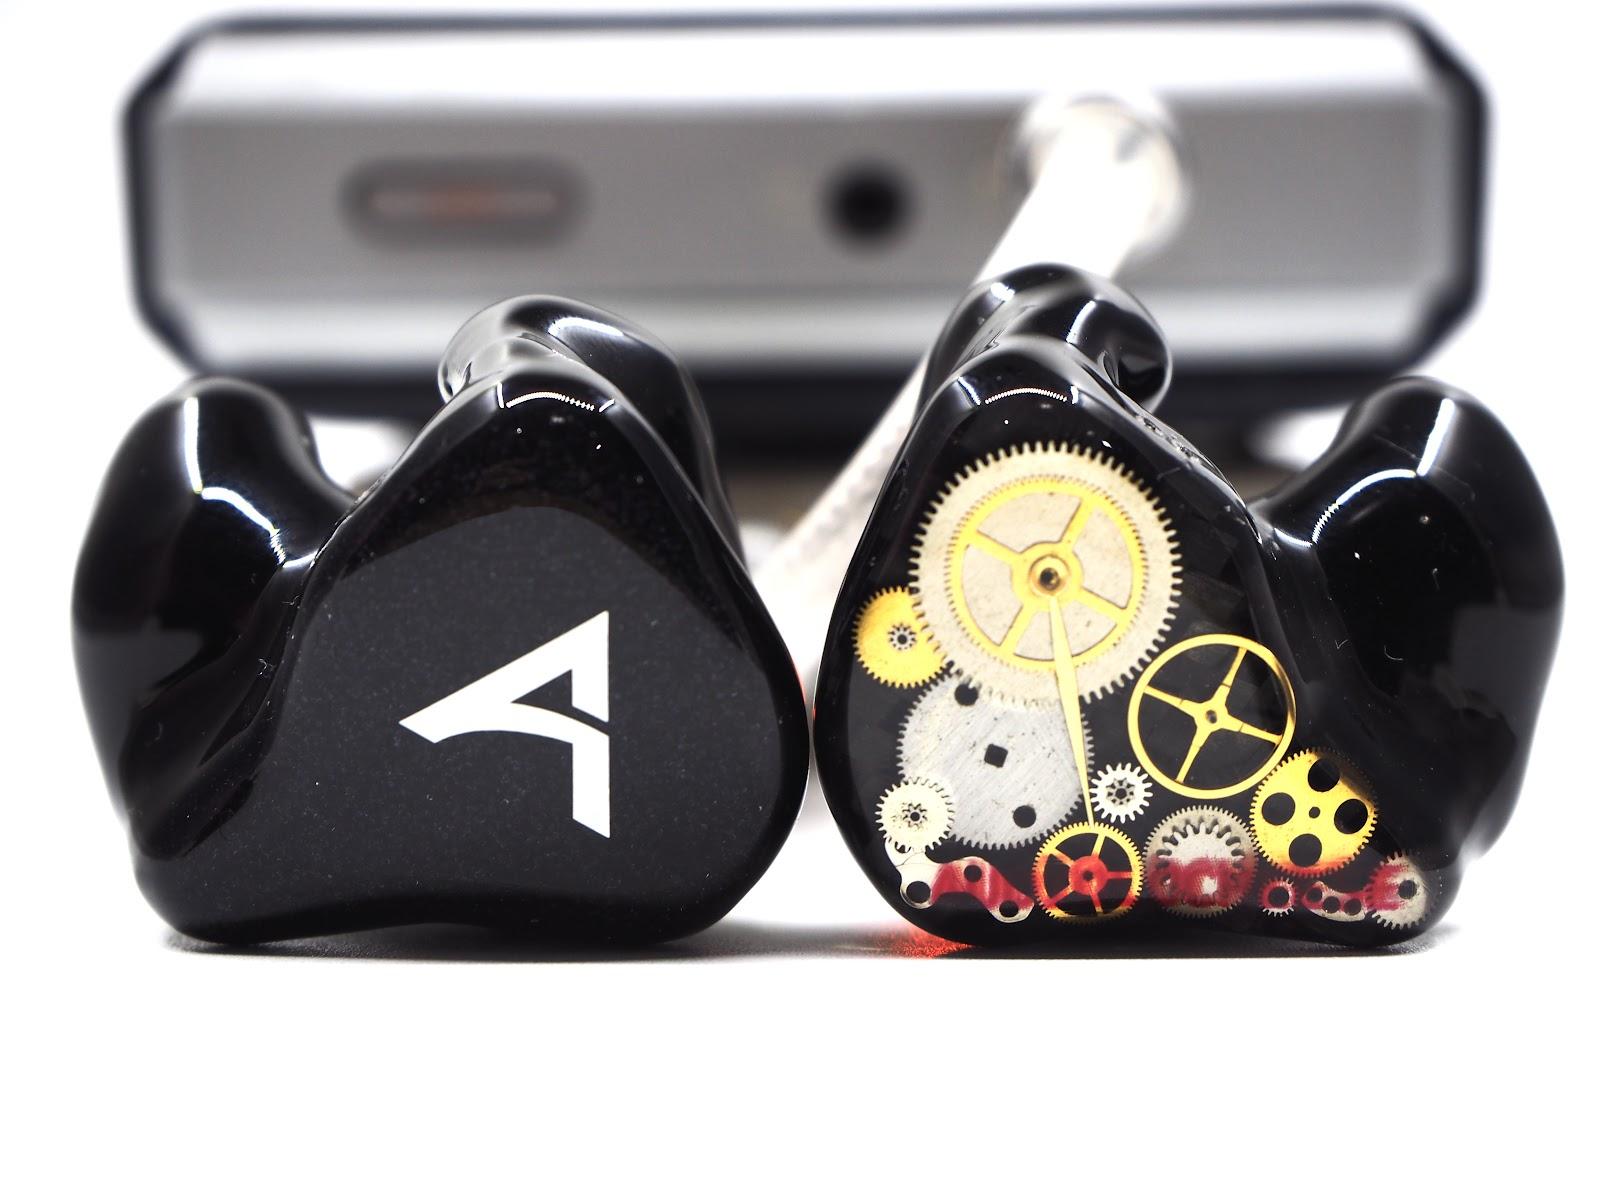 Avara AV3 with Opus #3 hooked to ALO Audio RX